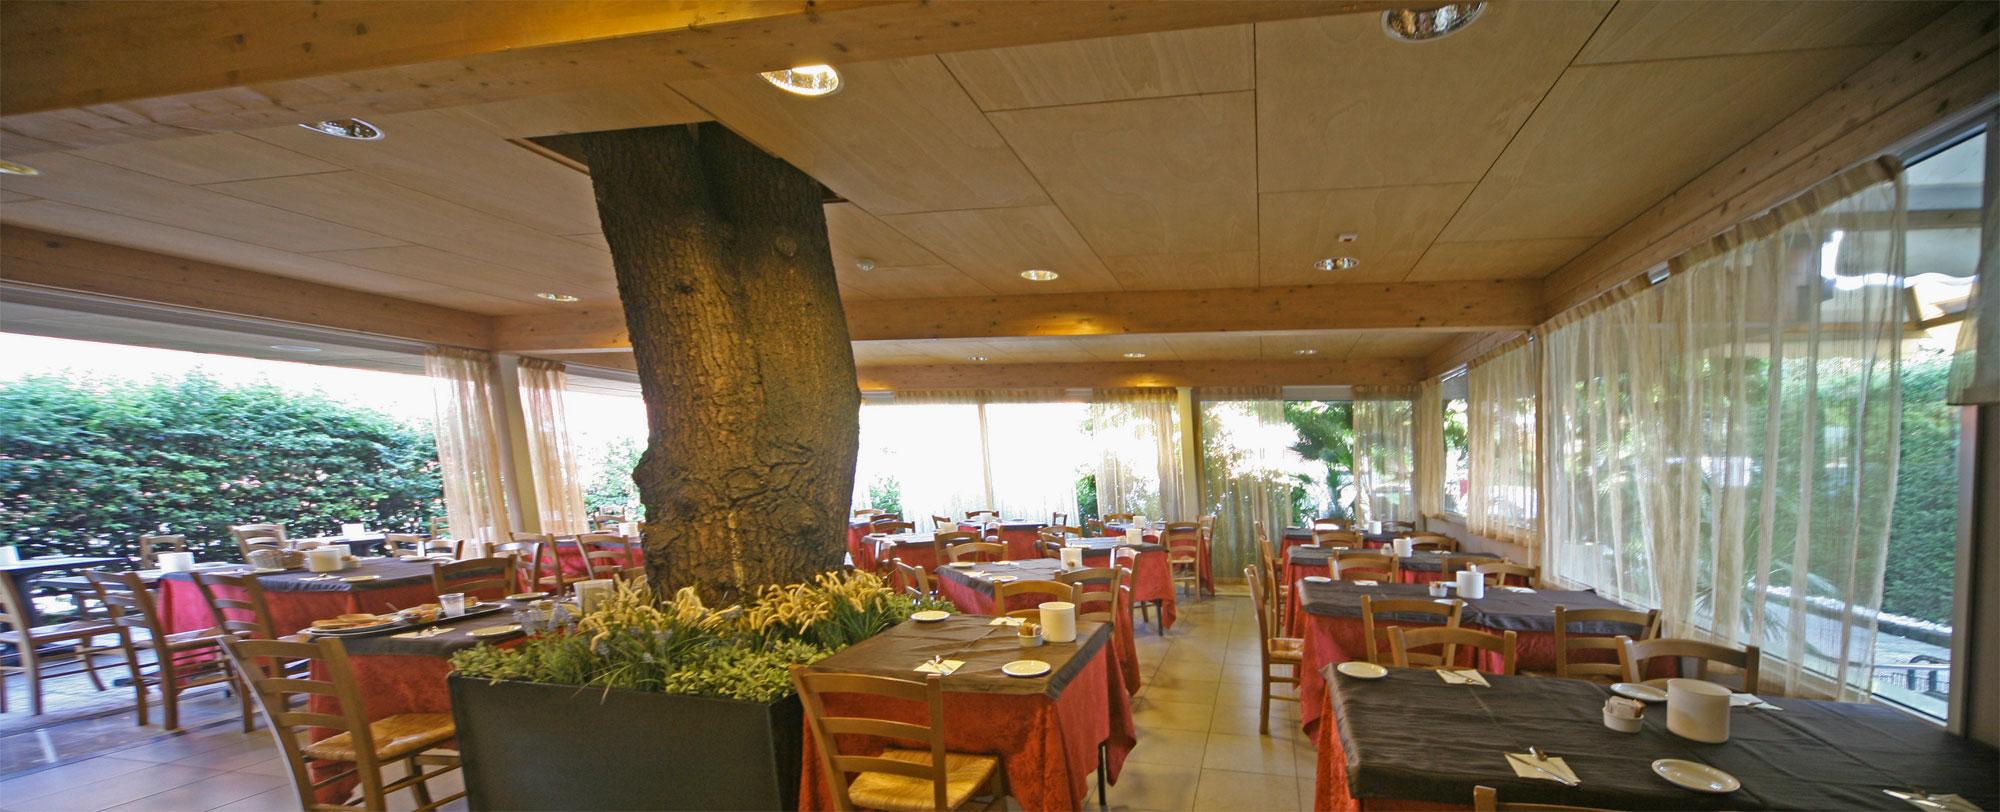 Hotel Smeraldo Servizi Sirmione Lago Di Gardahotel Smeraldo